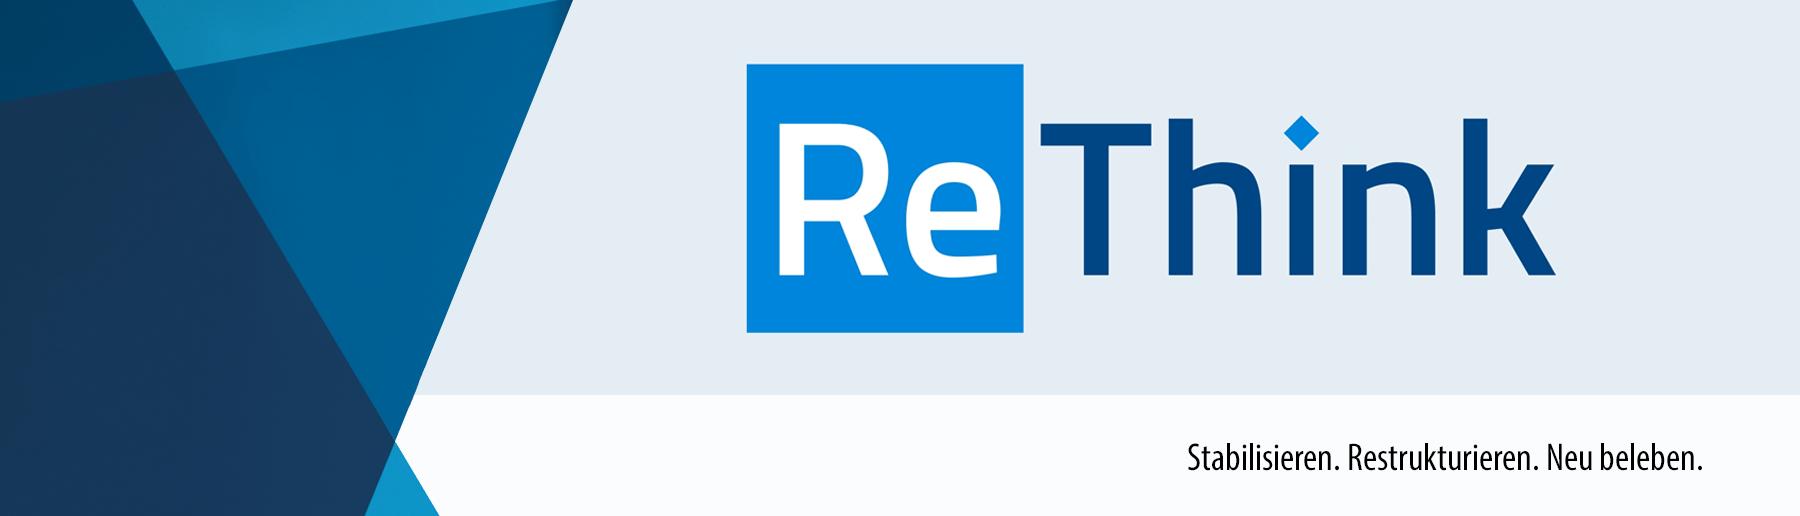 Webseiten Banner ReThink